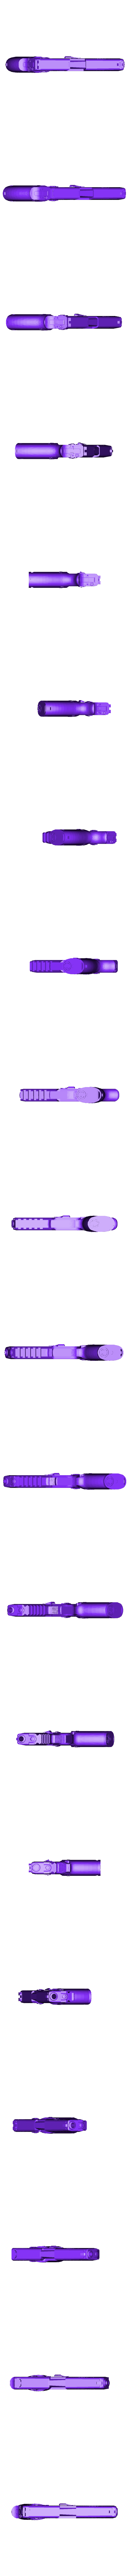 SIG SAUER P320c.obj Download free 3MF file SIG SAUER P320c • 3D printable model, Wij